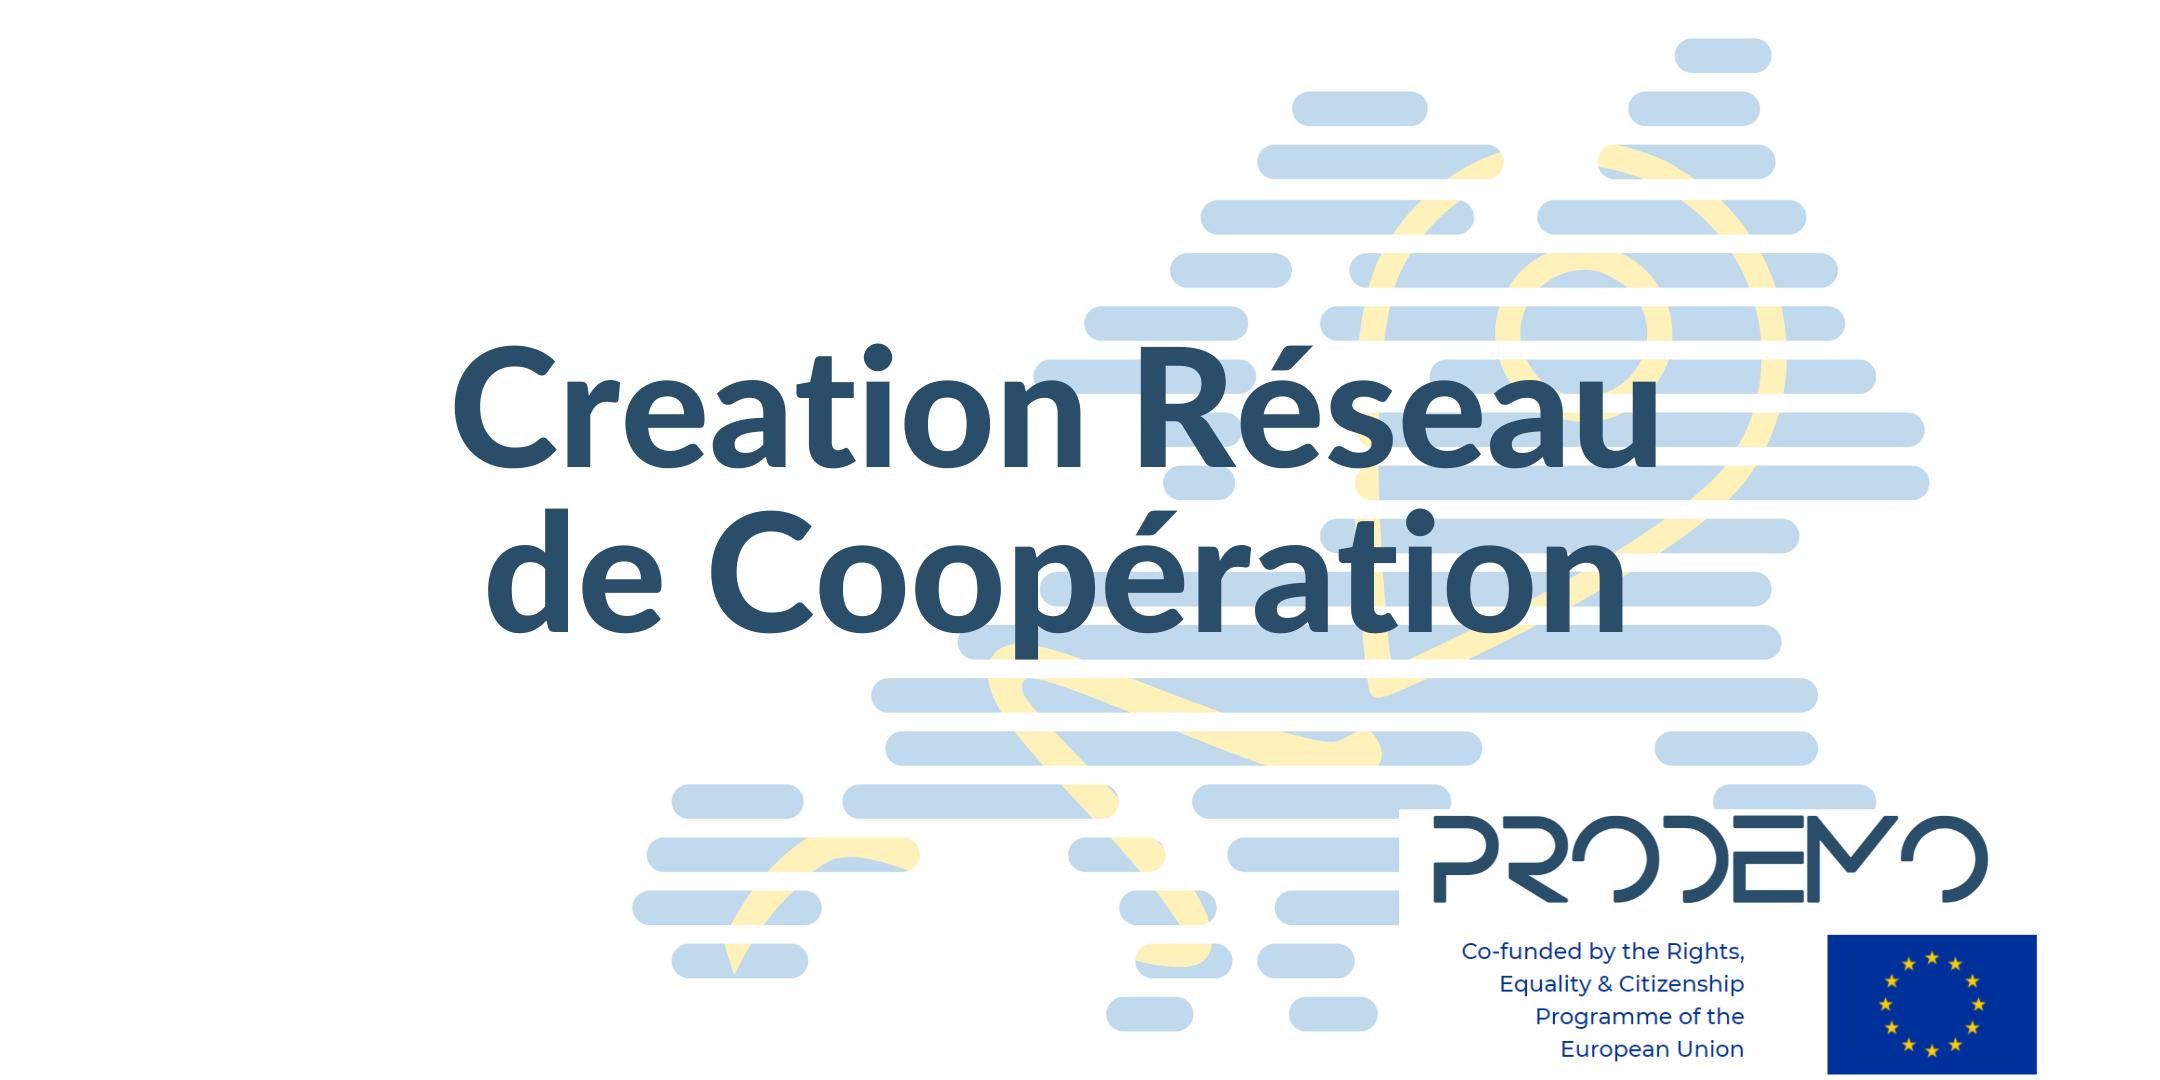 Creation d'un Réseau de Coopération